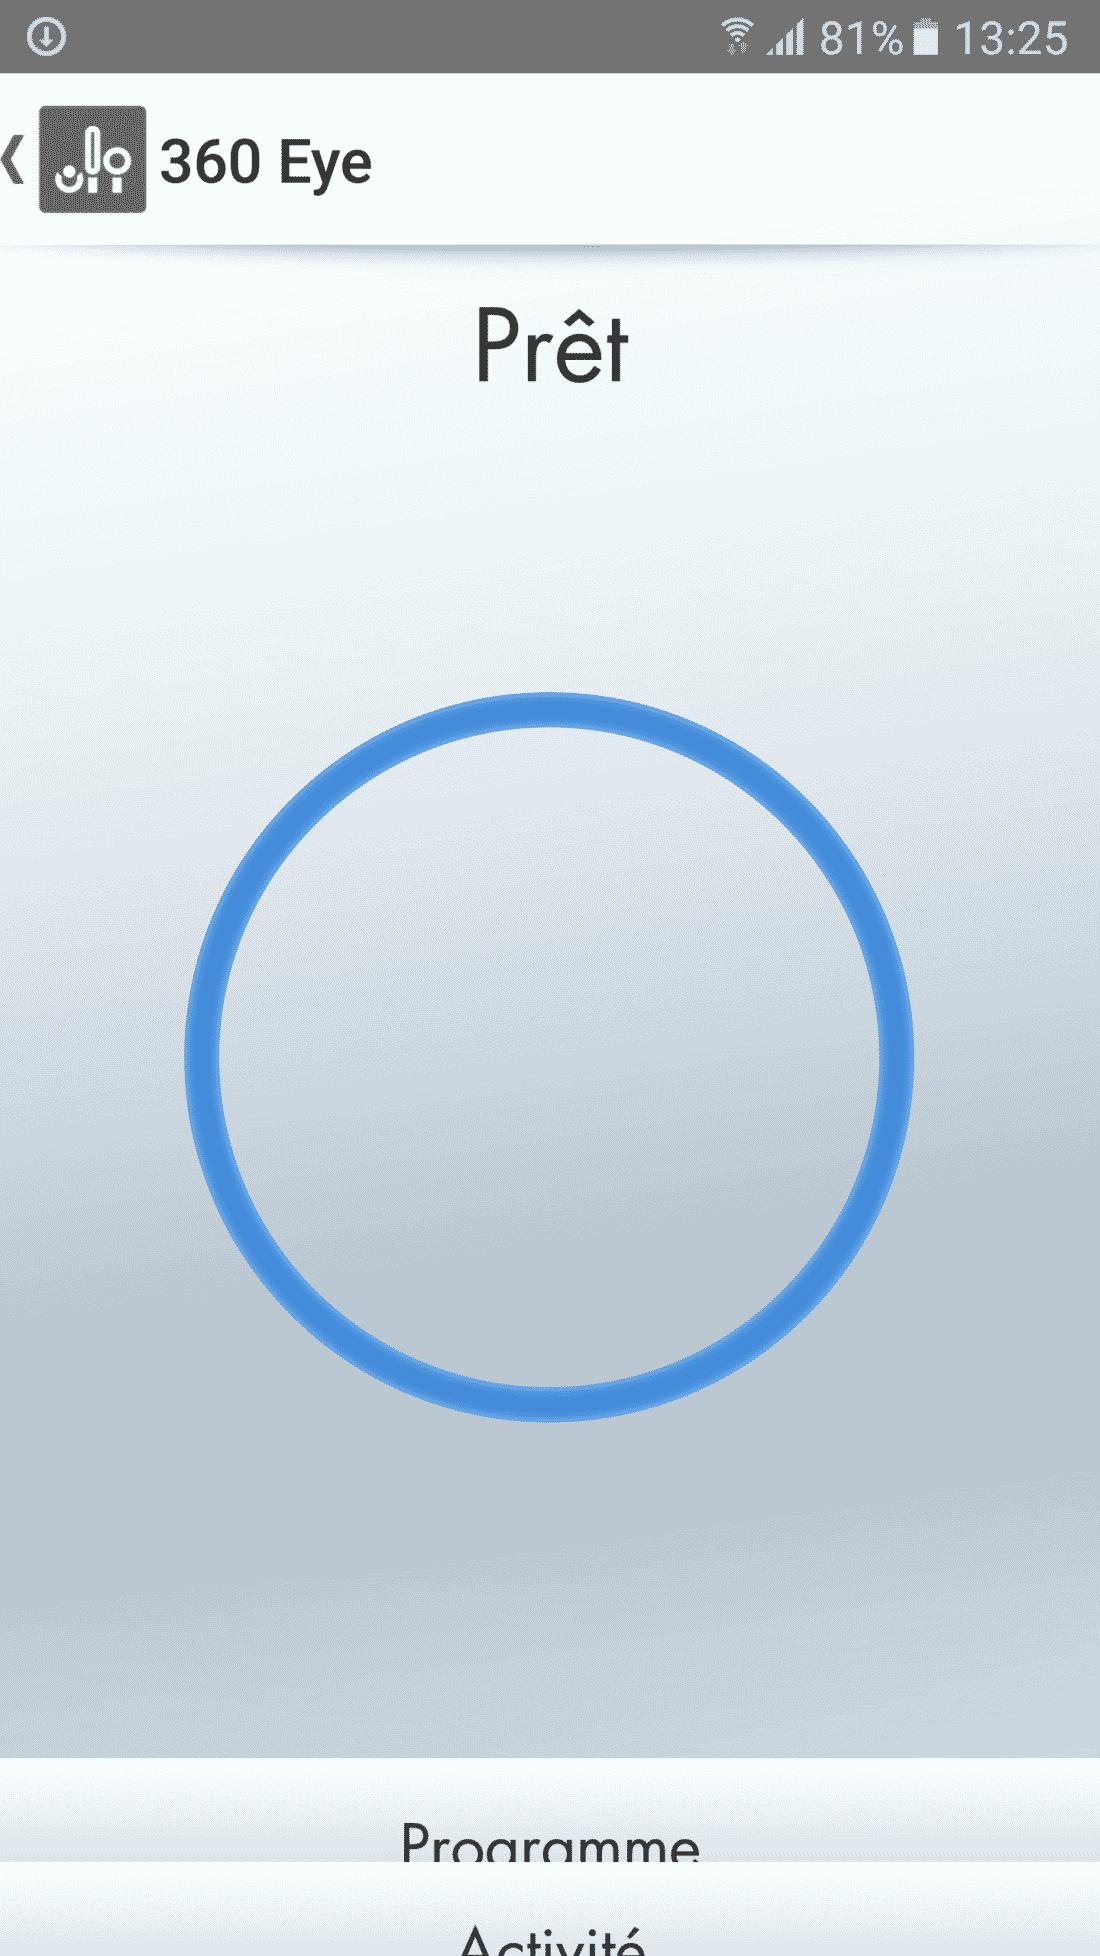 Application Dyson 360 Eye prêt